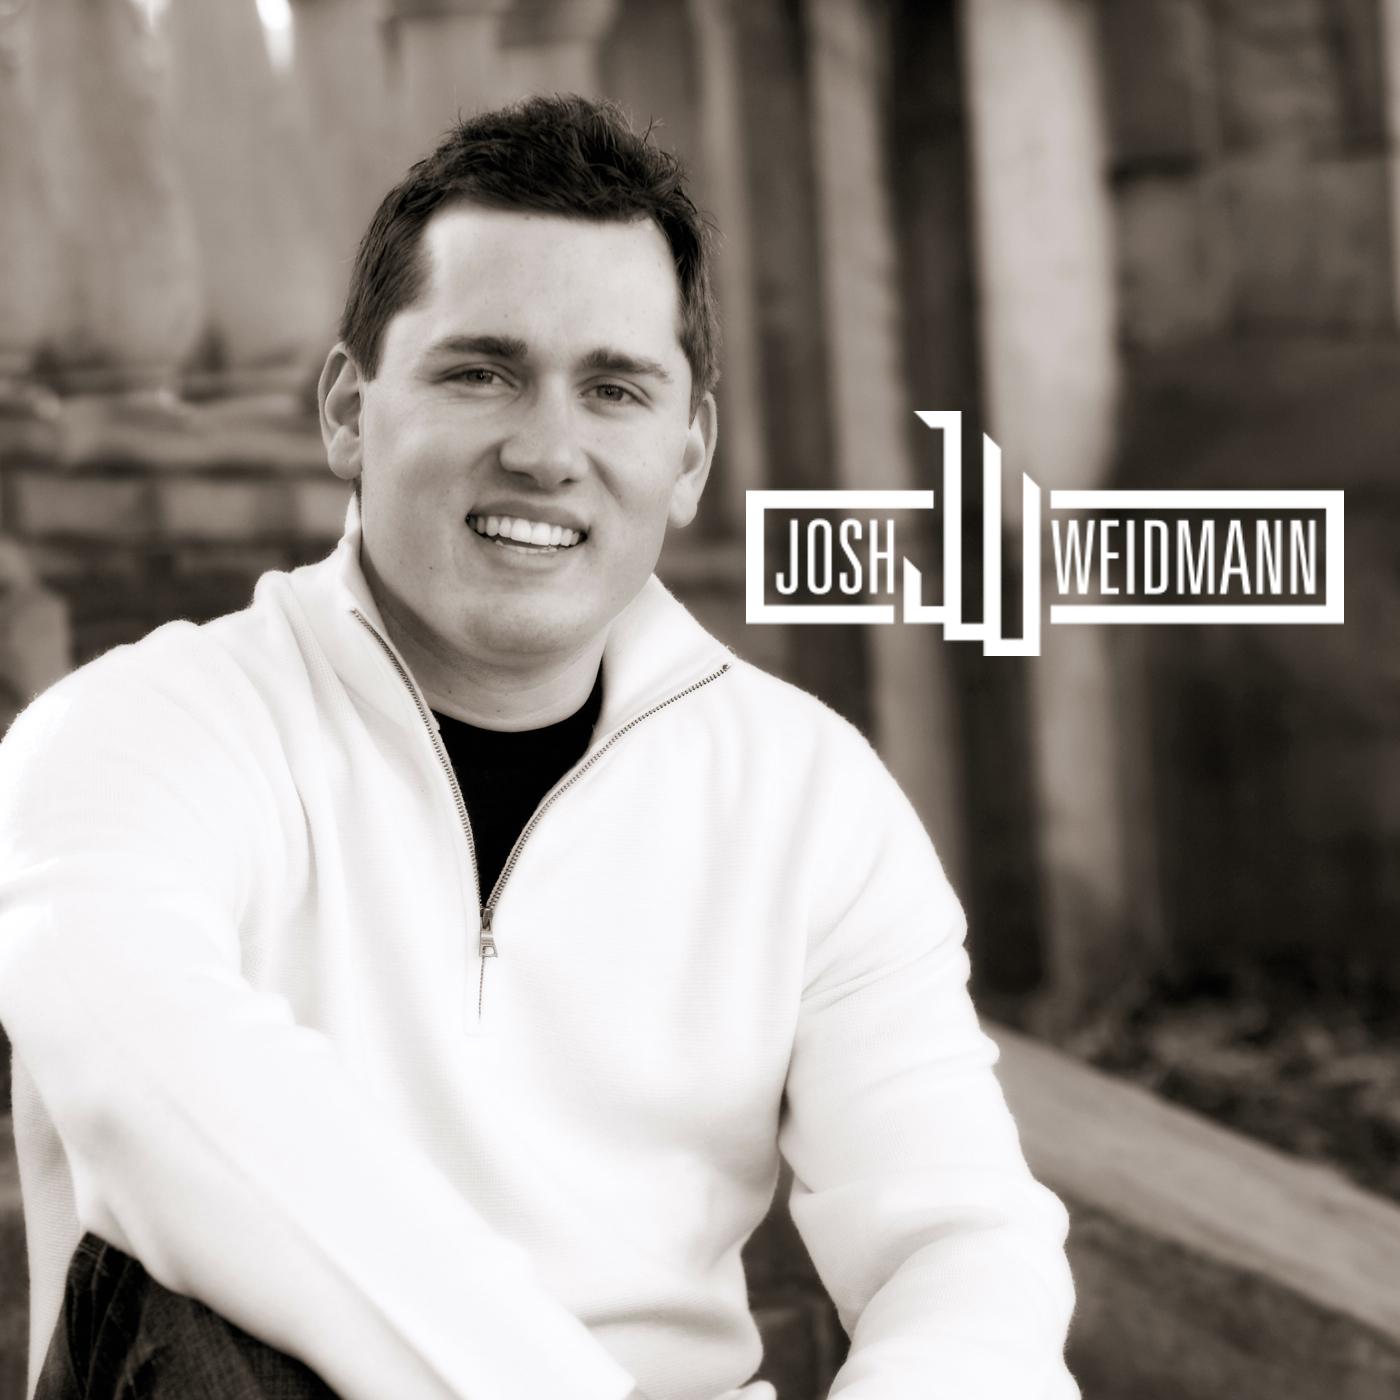 Josh Weidmann